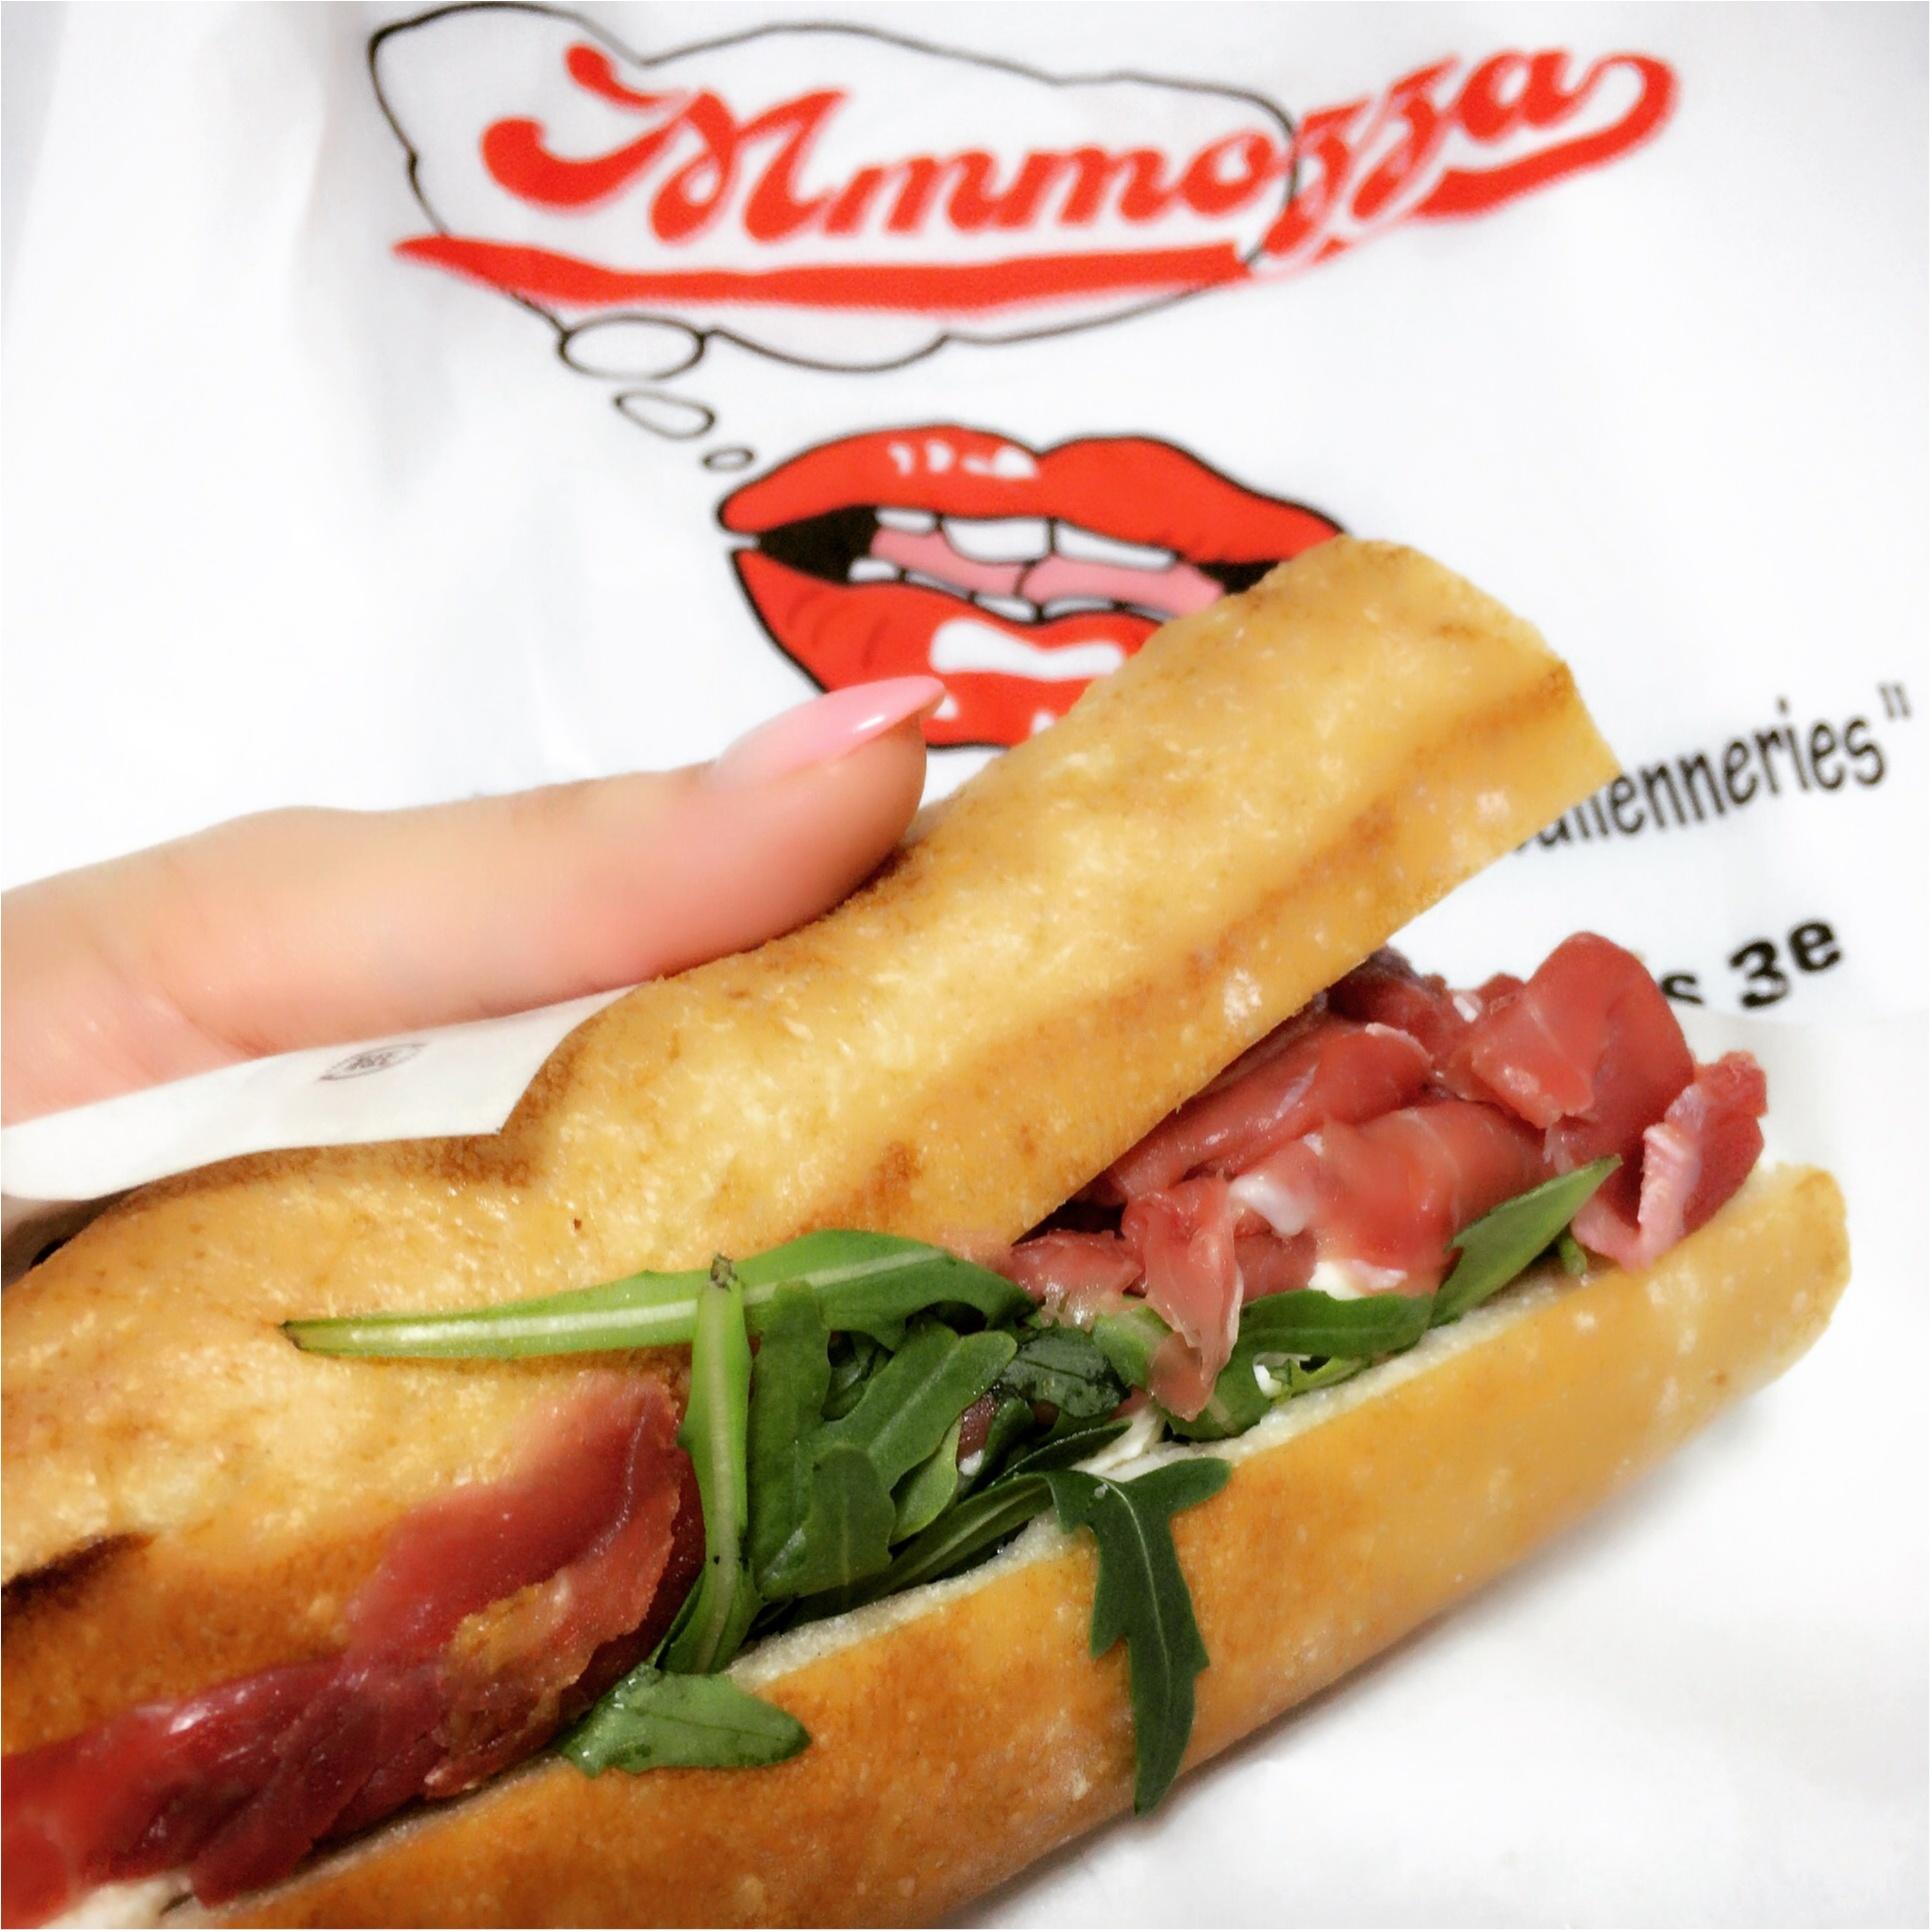 気分はパリジェンヌ♡Mmmozzaの絶品サンドイッチが日本初上陸!_2